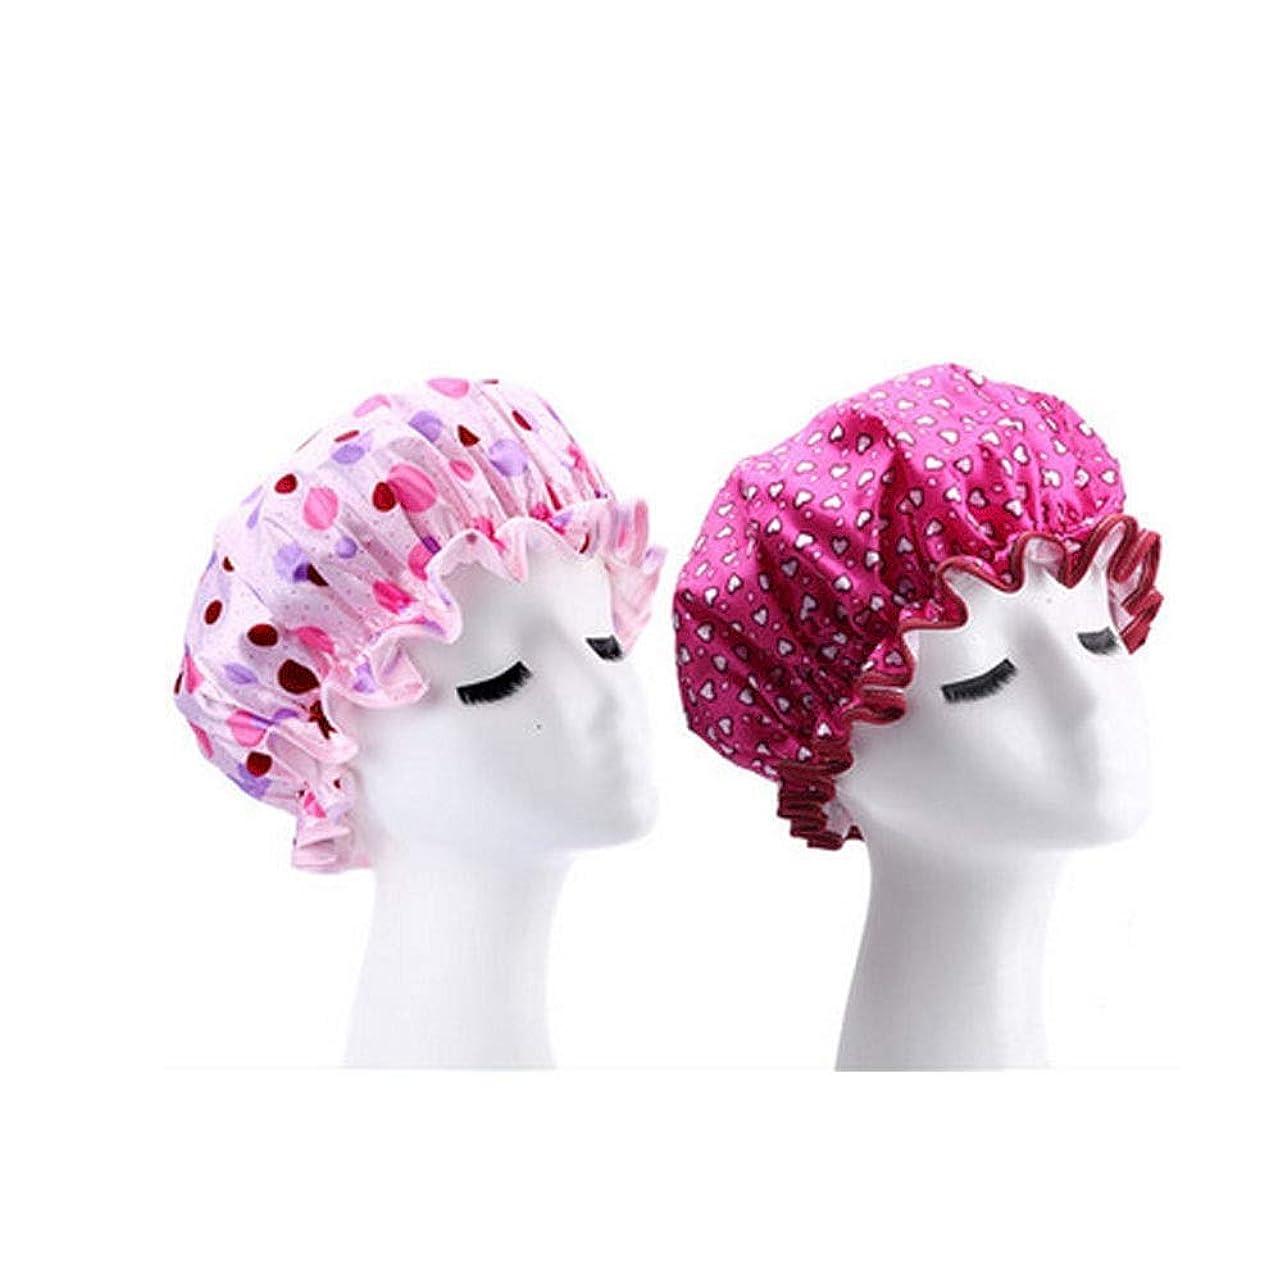 サイクロプスレスリングアナロジーJINSHANDIANLIAO シャワーキャップ、レディースシャワーキャップレディース用のすべての髪の長さと太さのデラックスシャワーキャップ - 防水とカビ防止、再利用可能なシャワーキャップ。 (Color : 2)